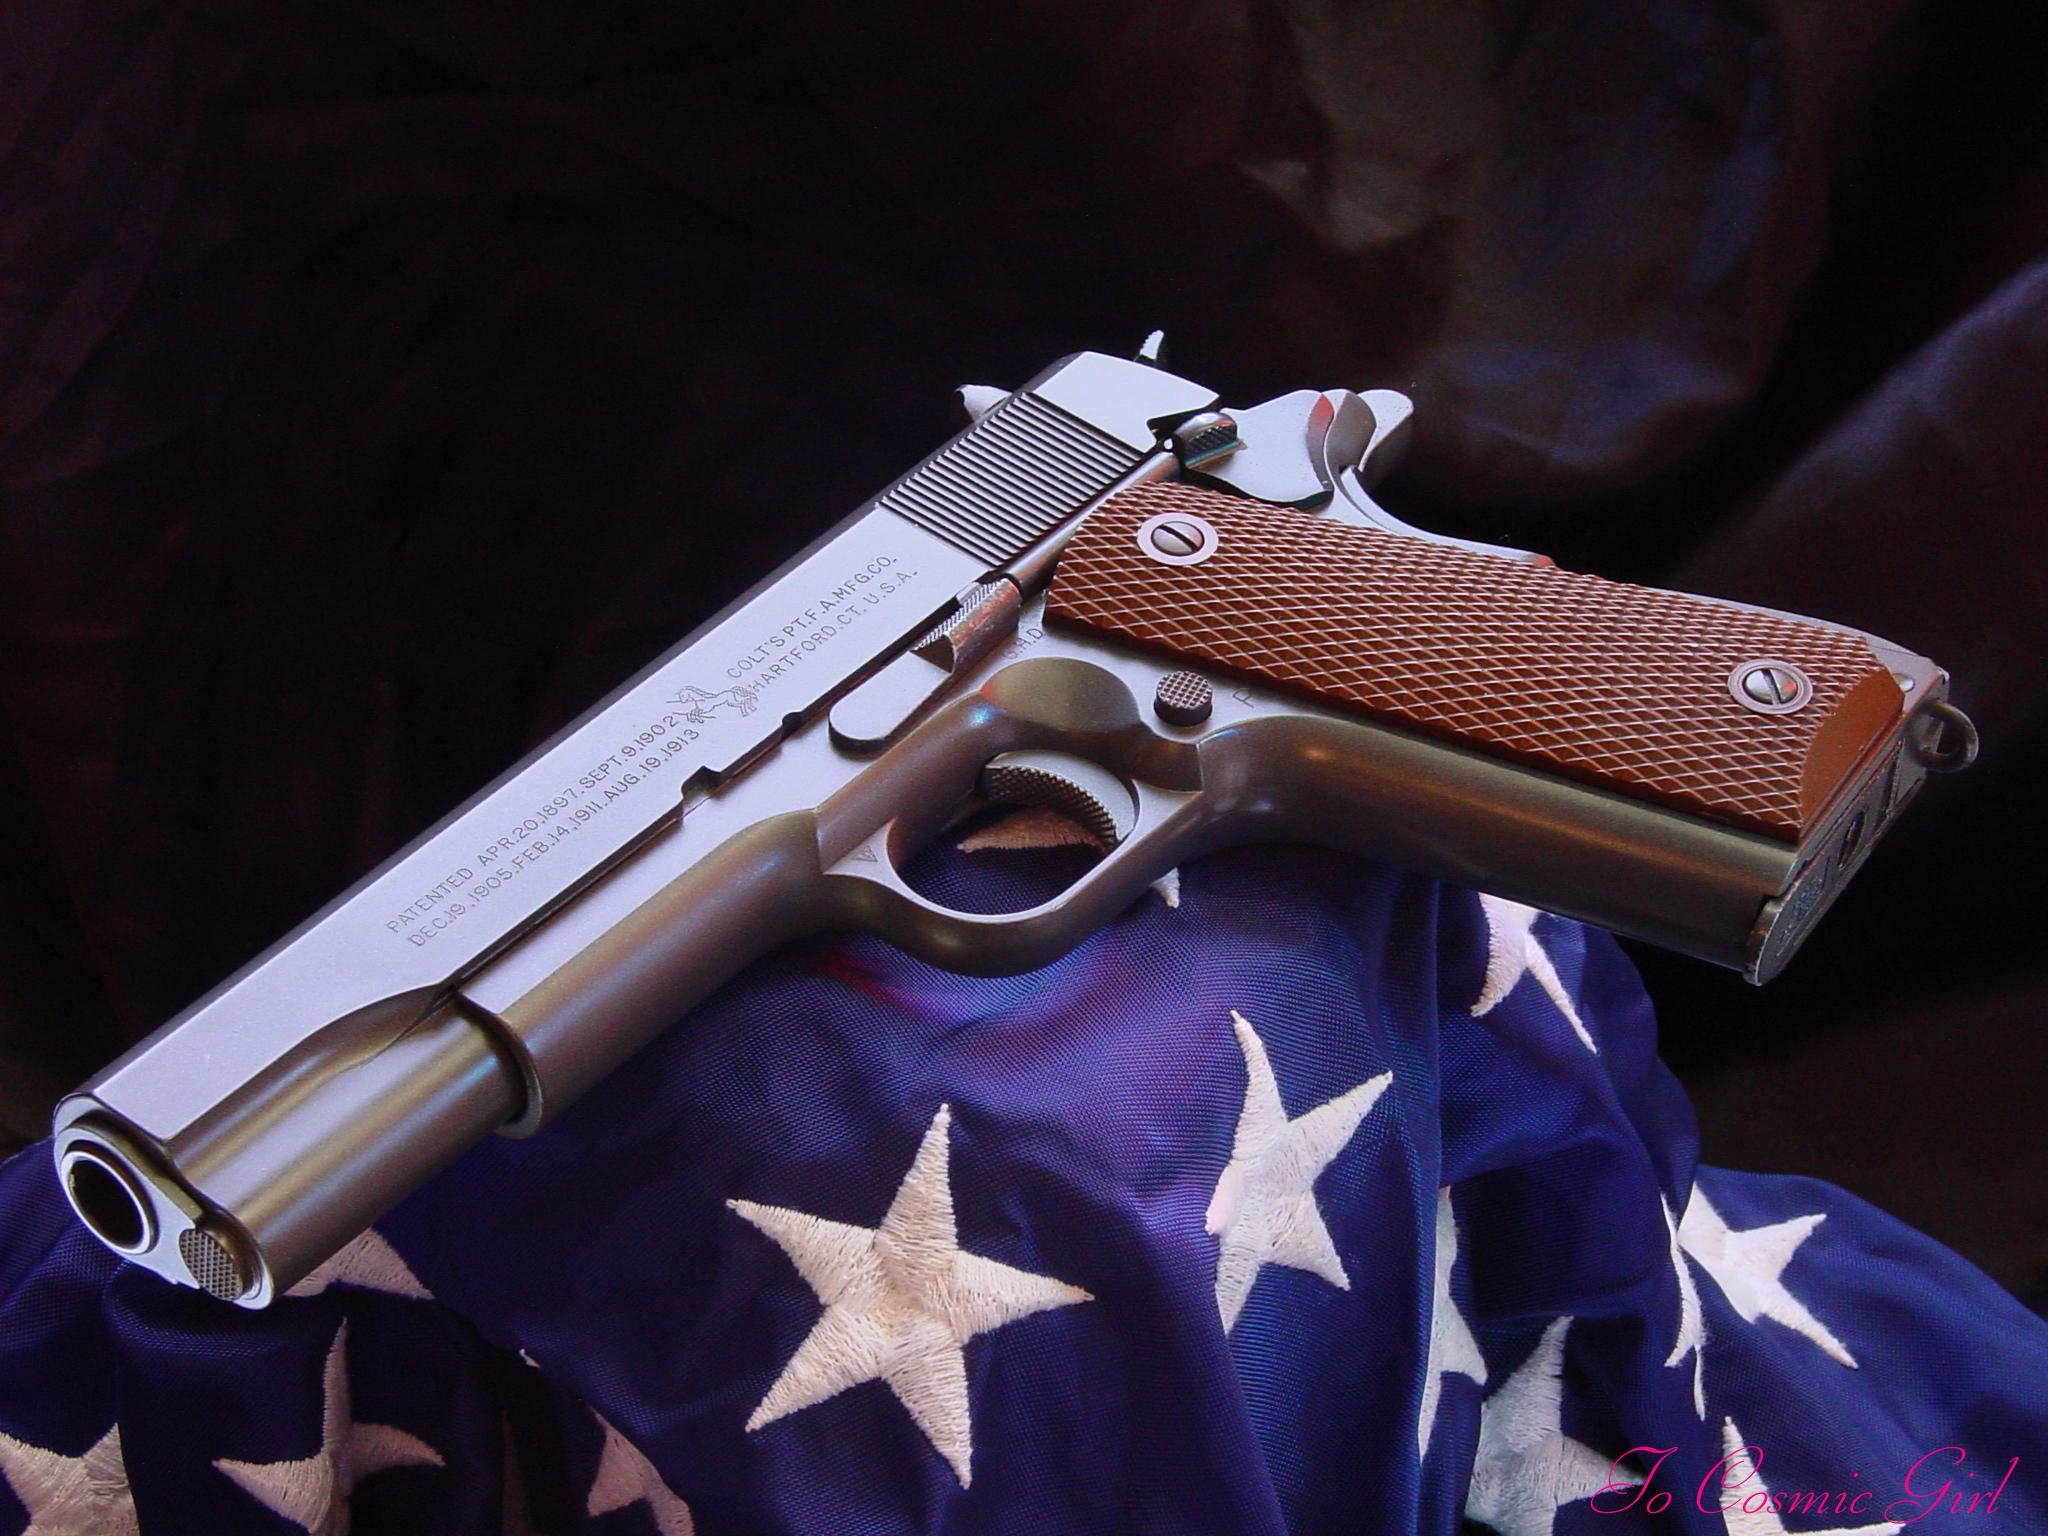 Guns weapons handguns colt 1911 wallpaper 2048x1536 12499 2048x1536